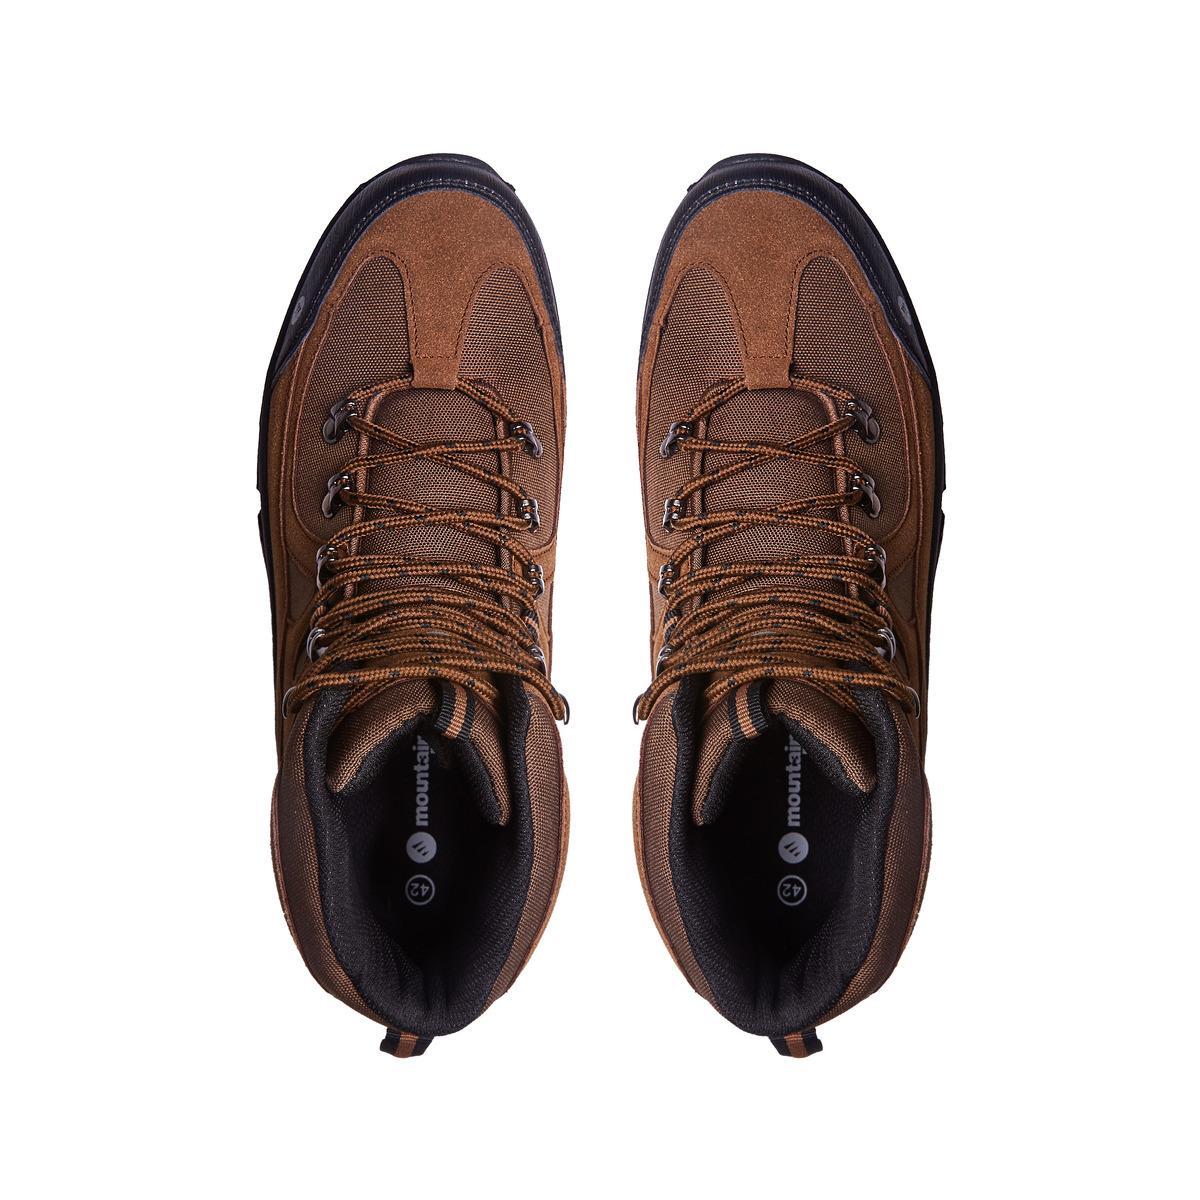 Zapatillas y Botas Mountain PRO Mujer · Deportes · El Corte